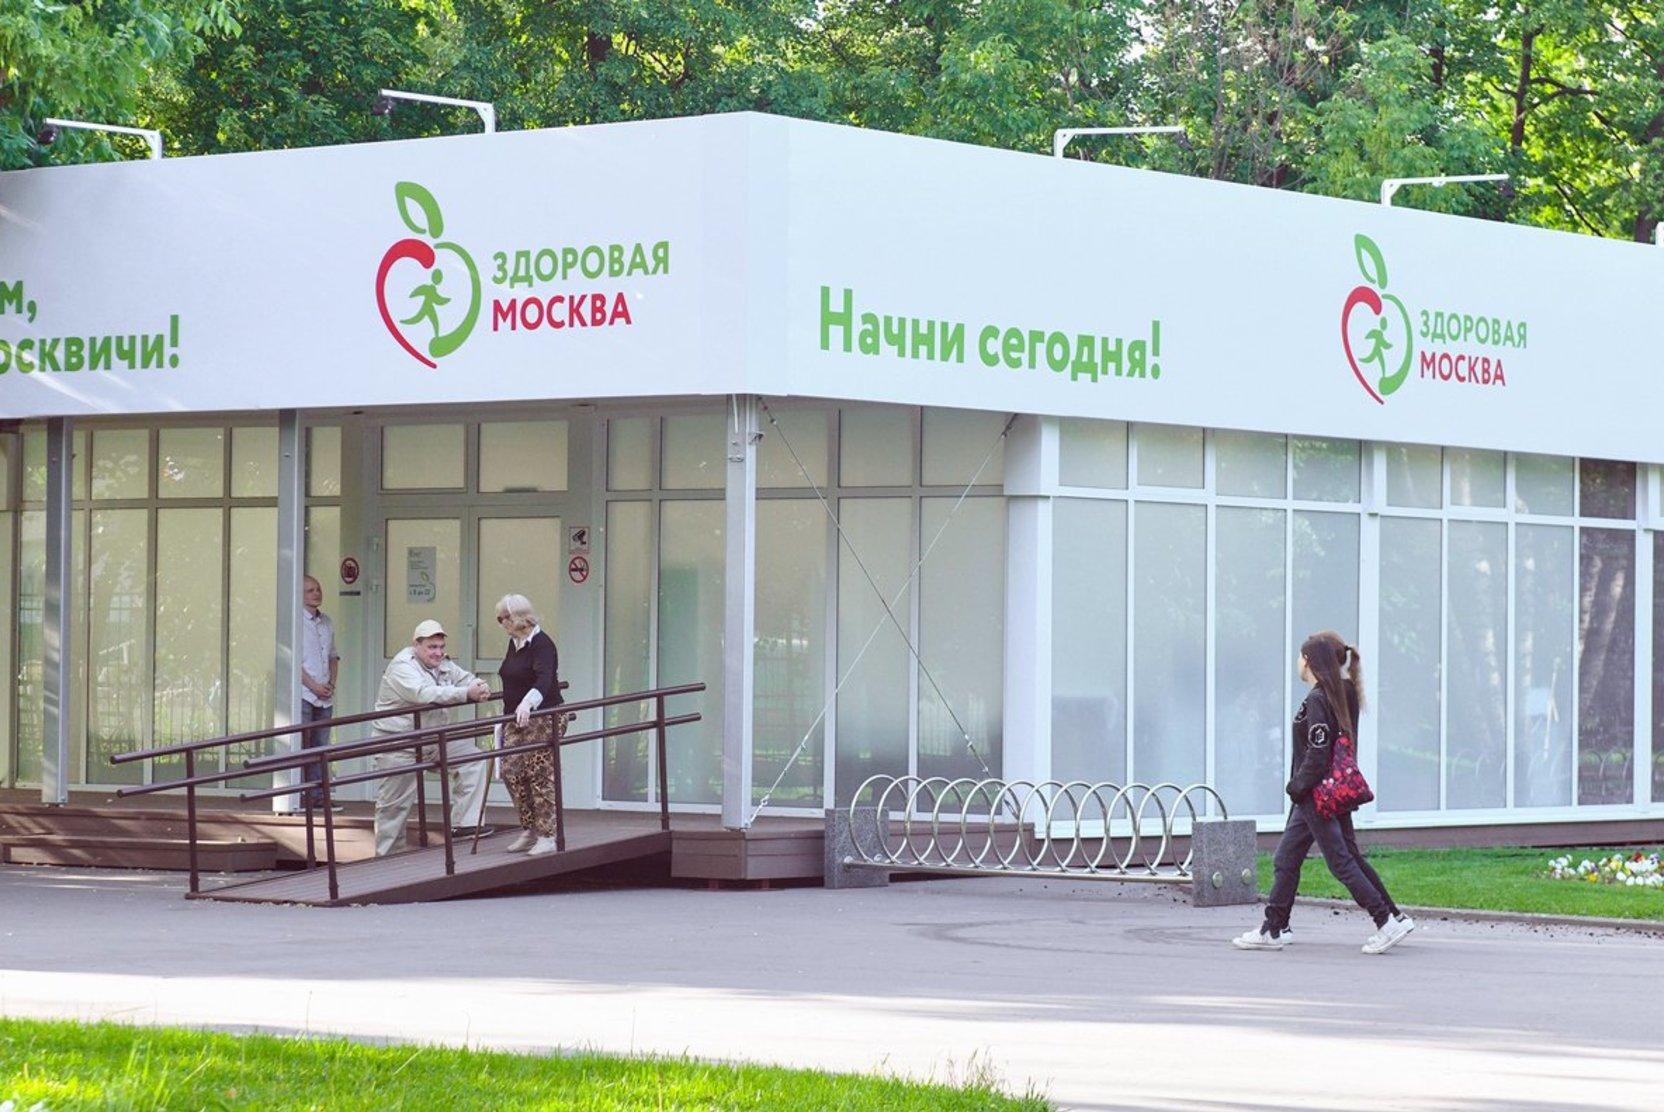 Чек-ап в Здоровой Москве прошли более 200 тысяч человек